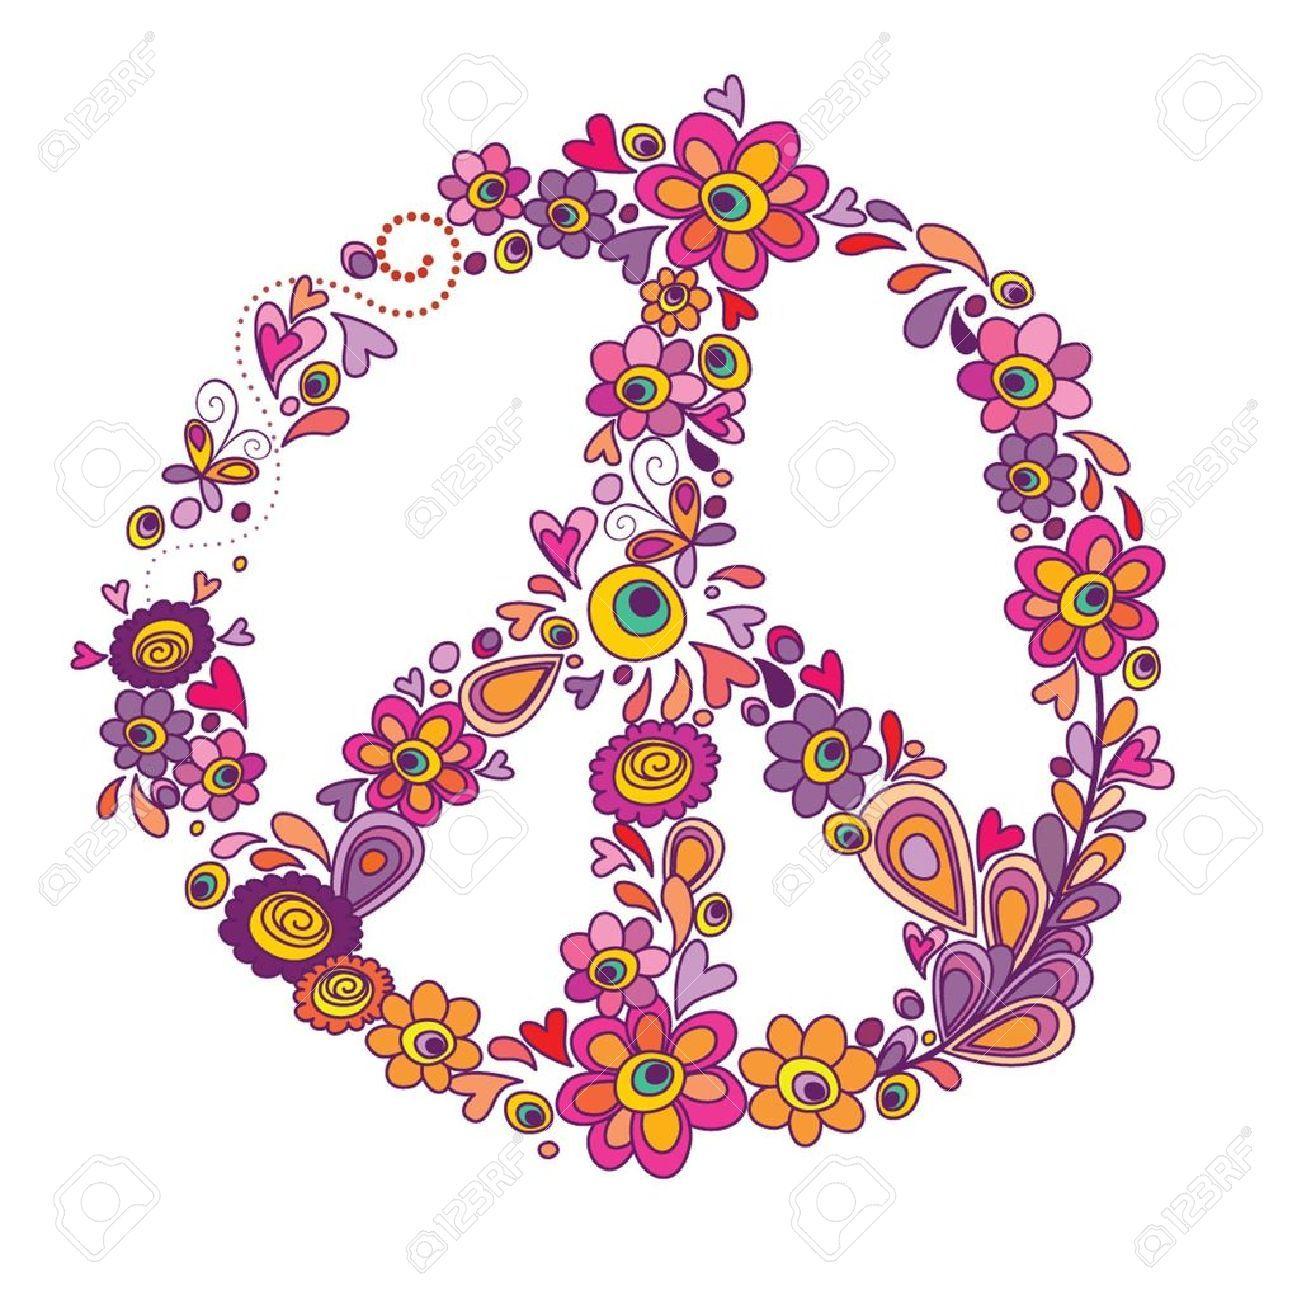 simbolo de la paz - Buscar con Google | simbolo de paz | Pinterest ...